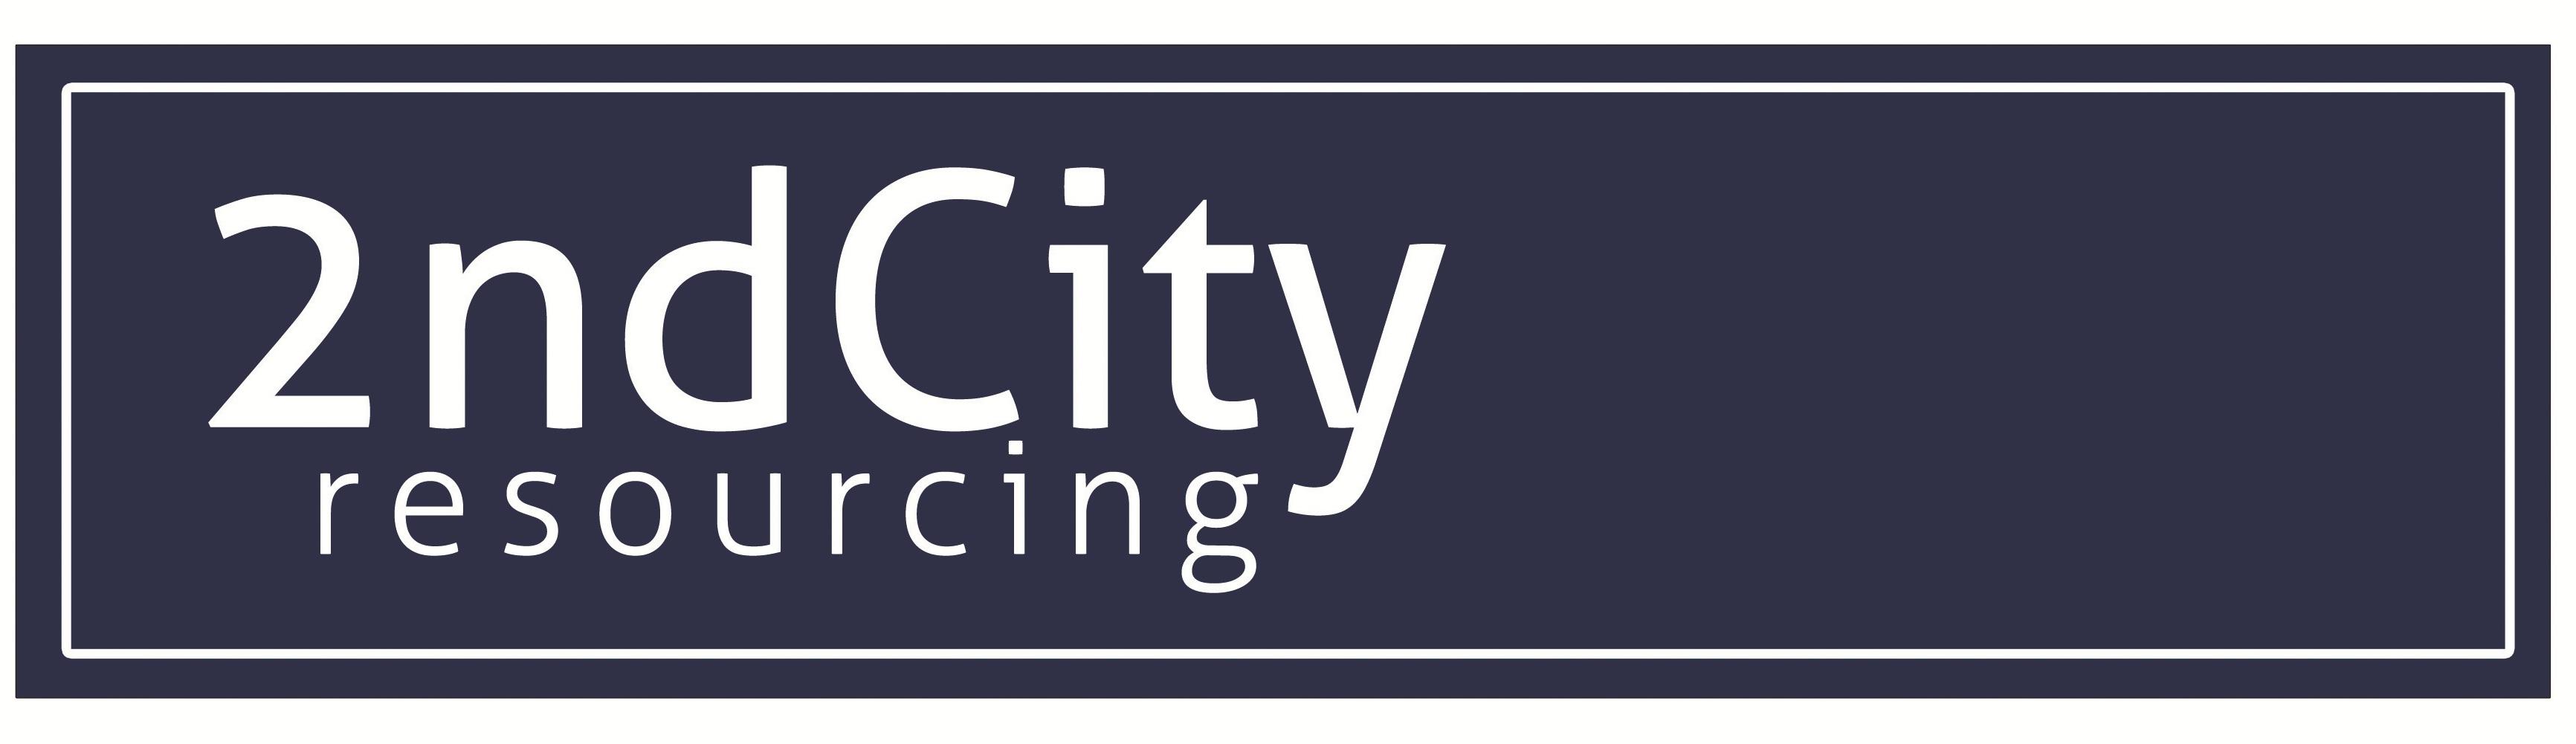 2ndCityResourcing logo